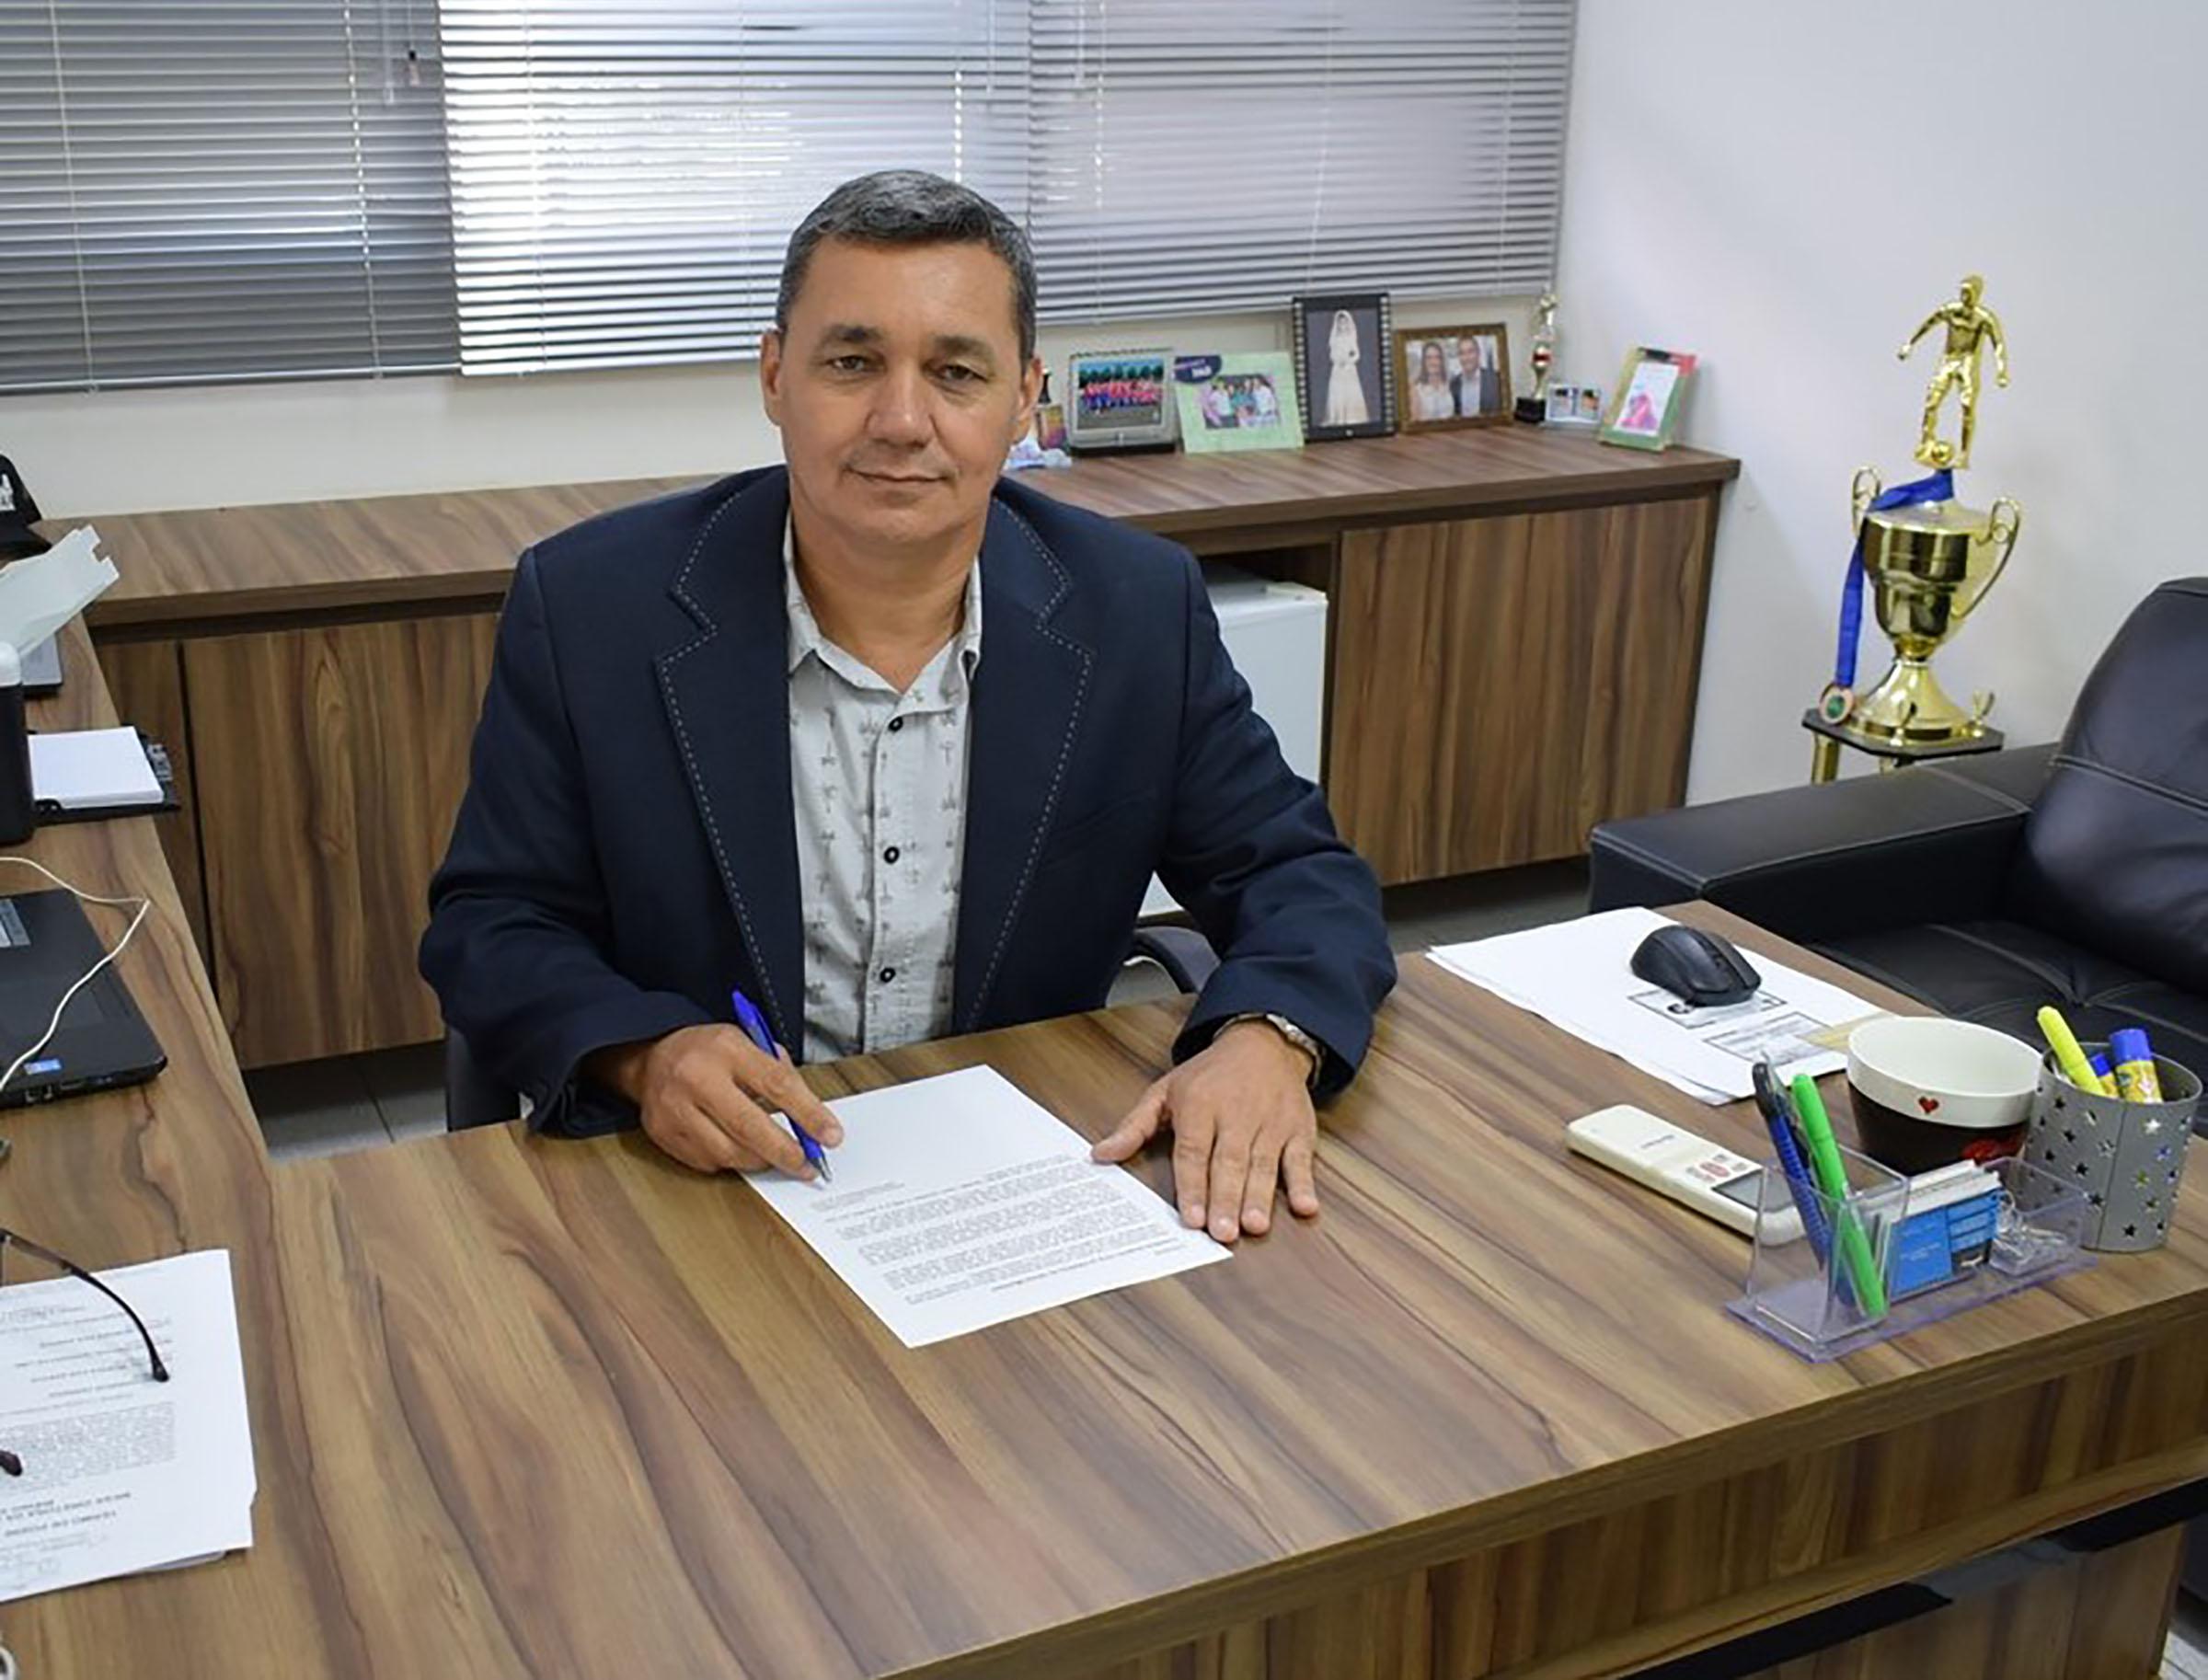 Presidente Serginho inicia os trabalhos na Câmara Municipal